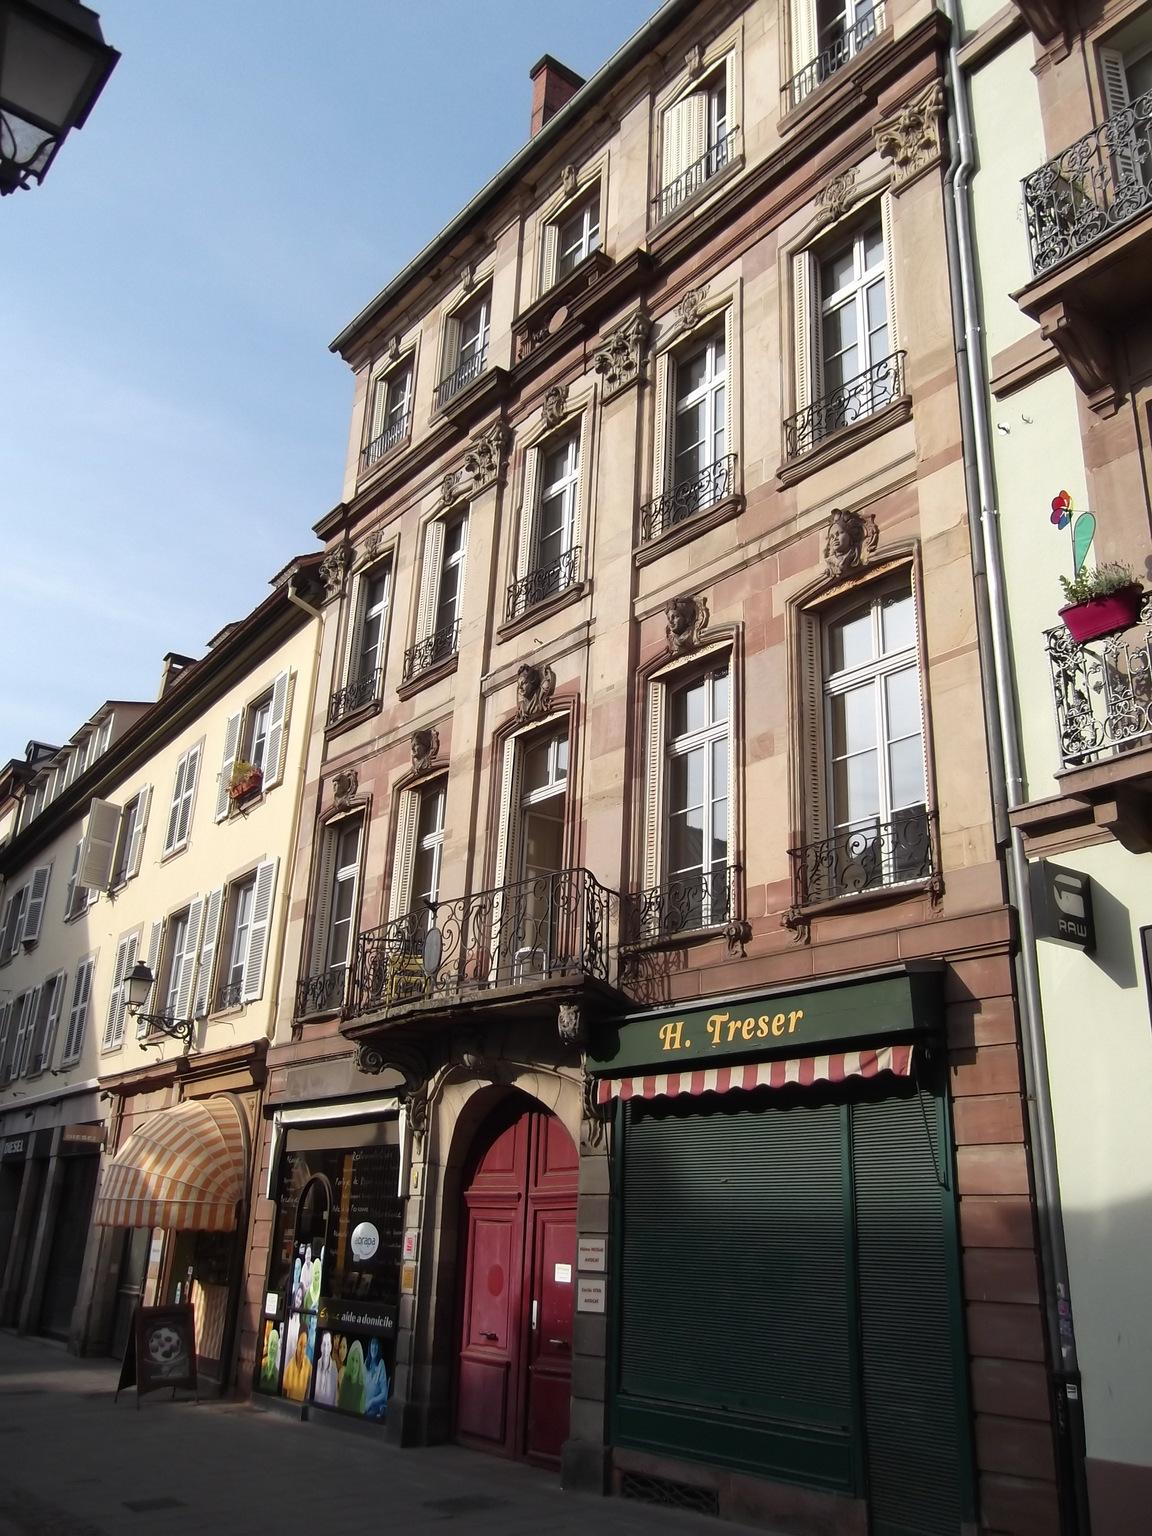 Maisons de strasbourg 7 rue du d me for Rue du miroir strasbourg